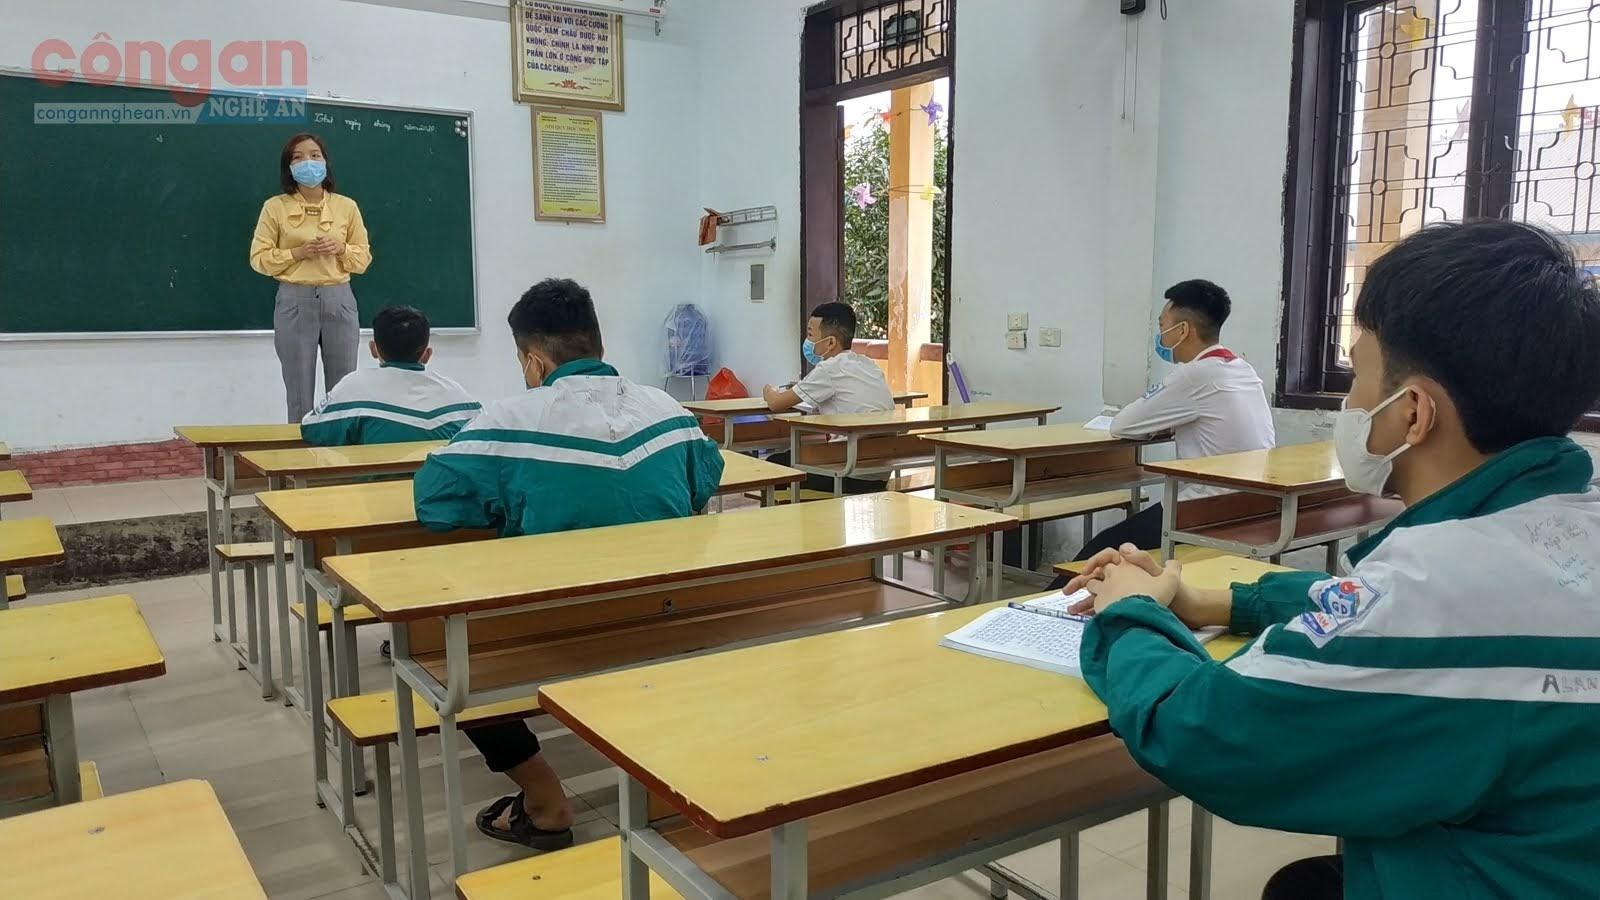 Việc phải dạy thêm tiết, thêm giờ khiến công tác giảng dạy của một số giáo viên quá tải